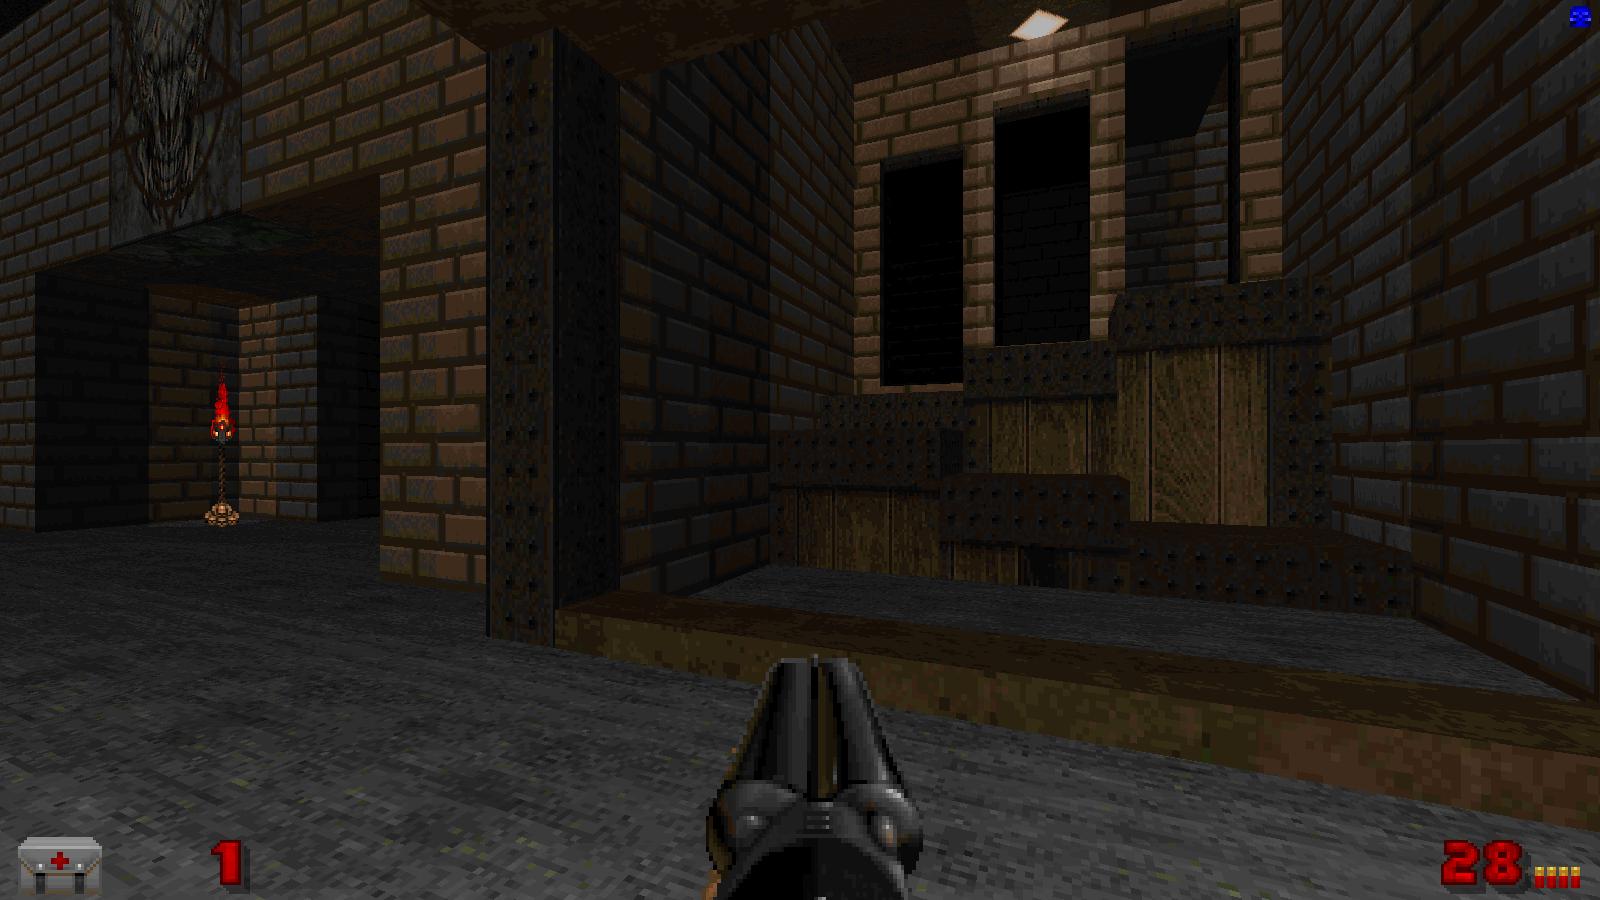 Screenshot_Doom_20190630_031140.png